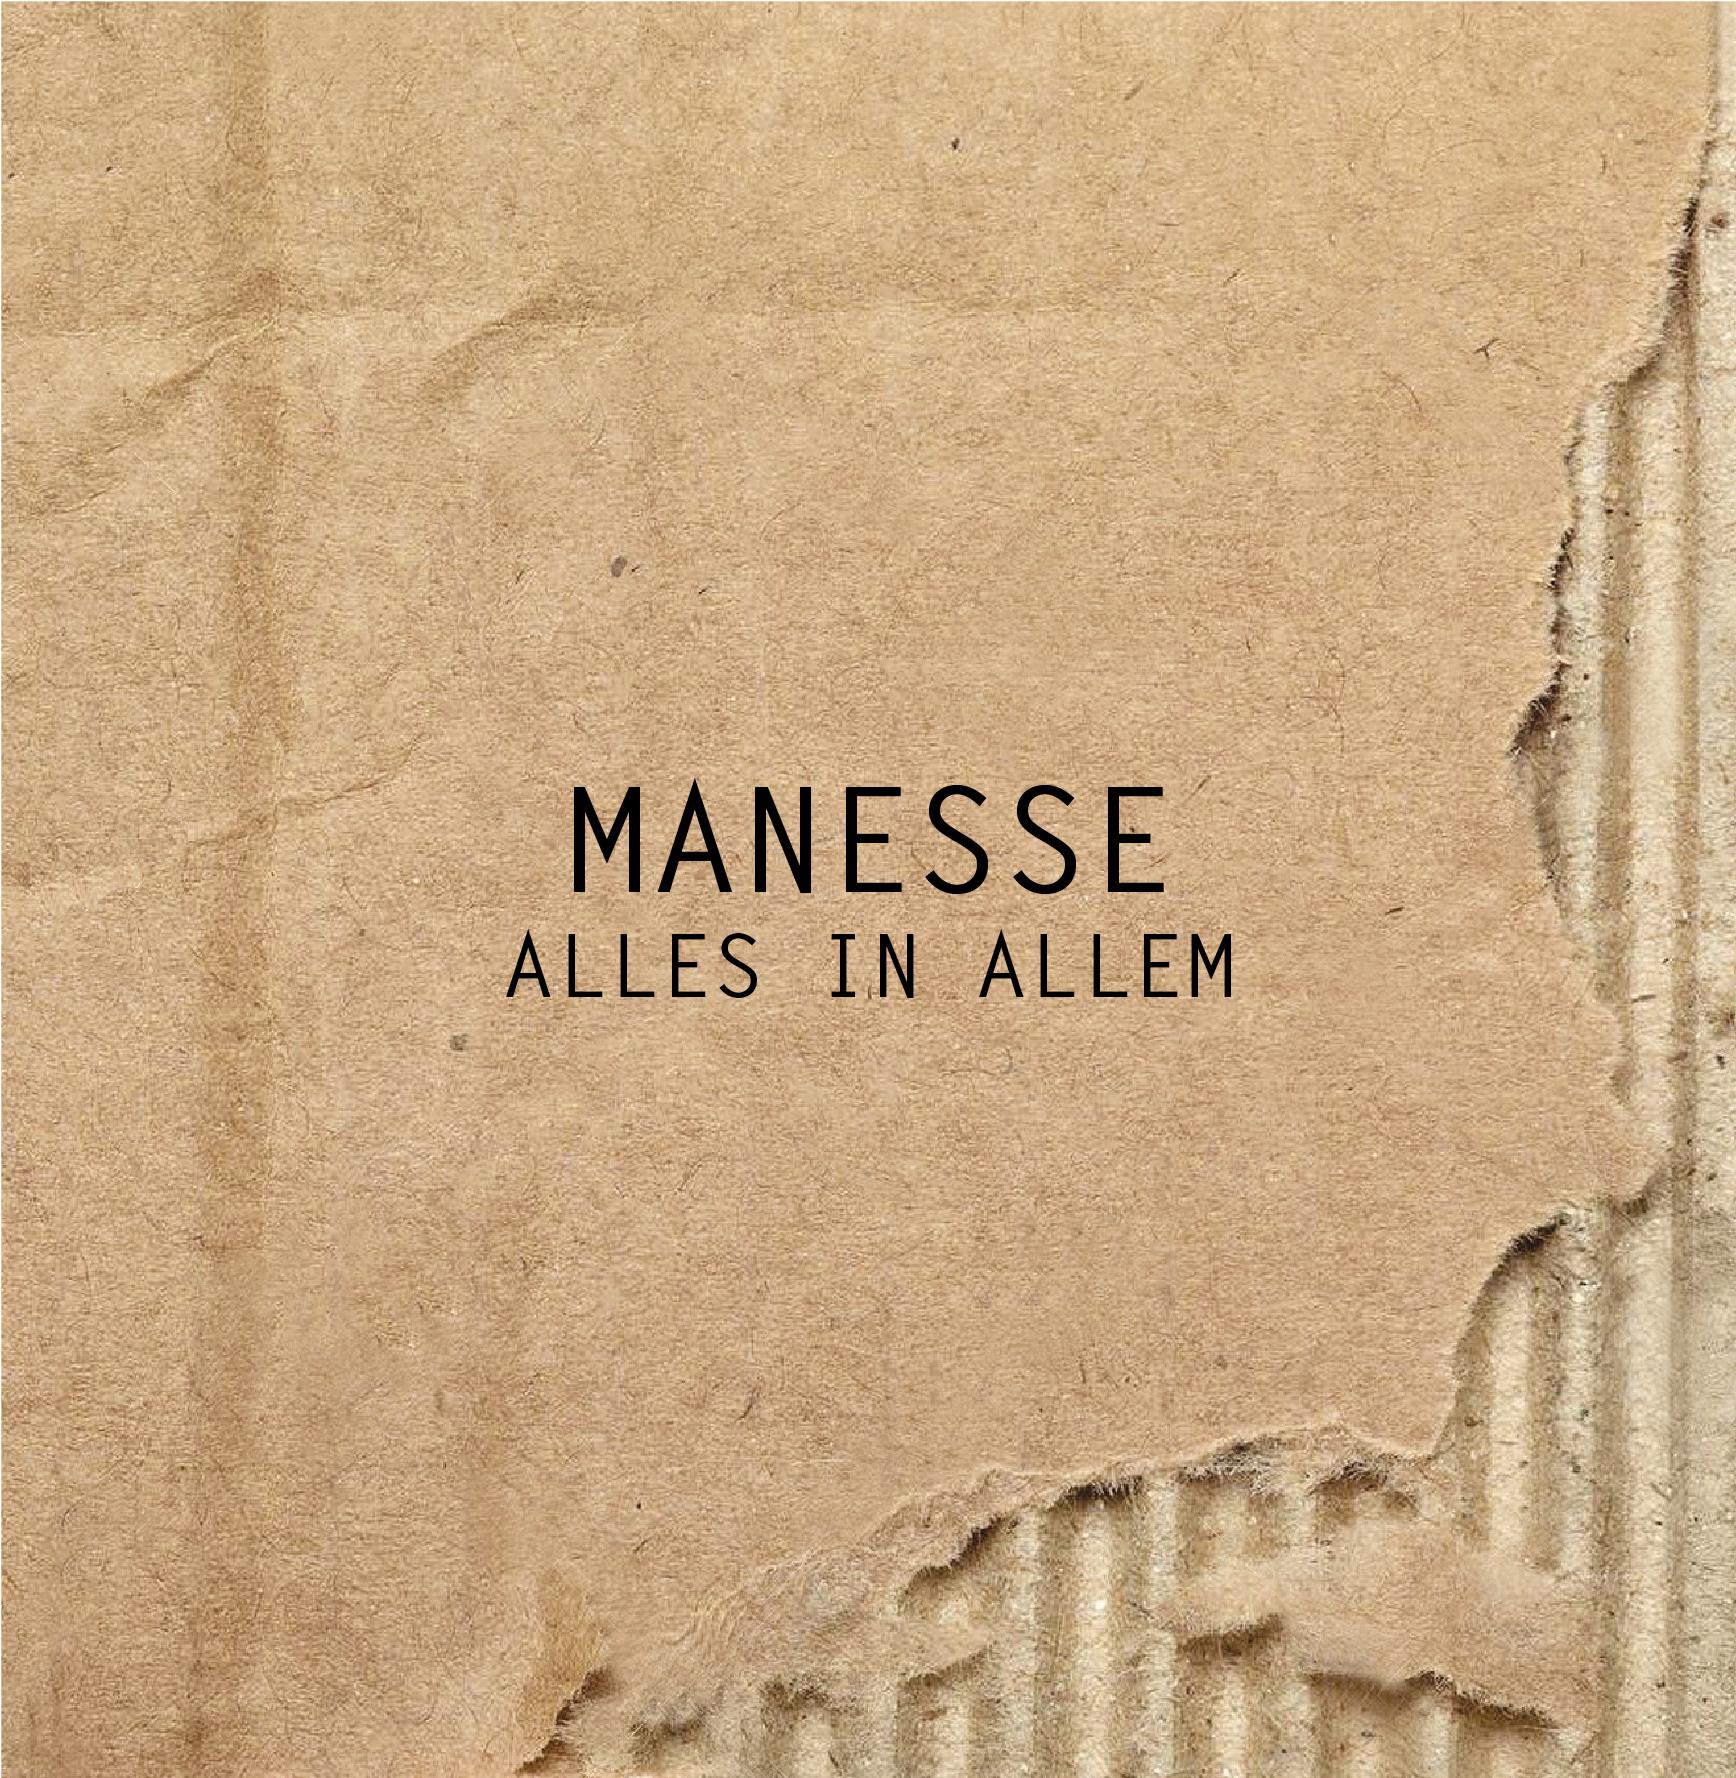 MANESSE_Booklet.jpg